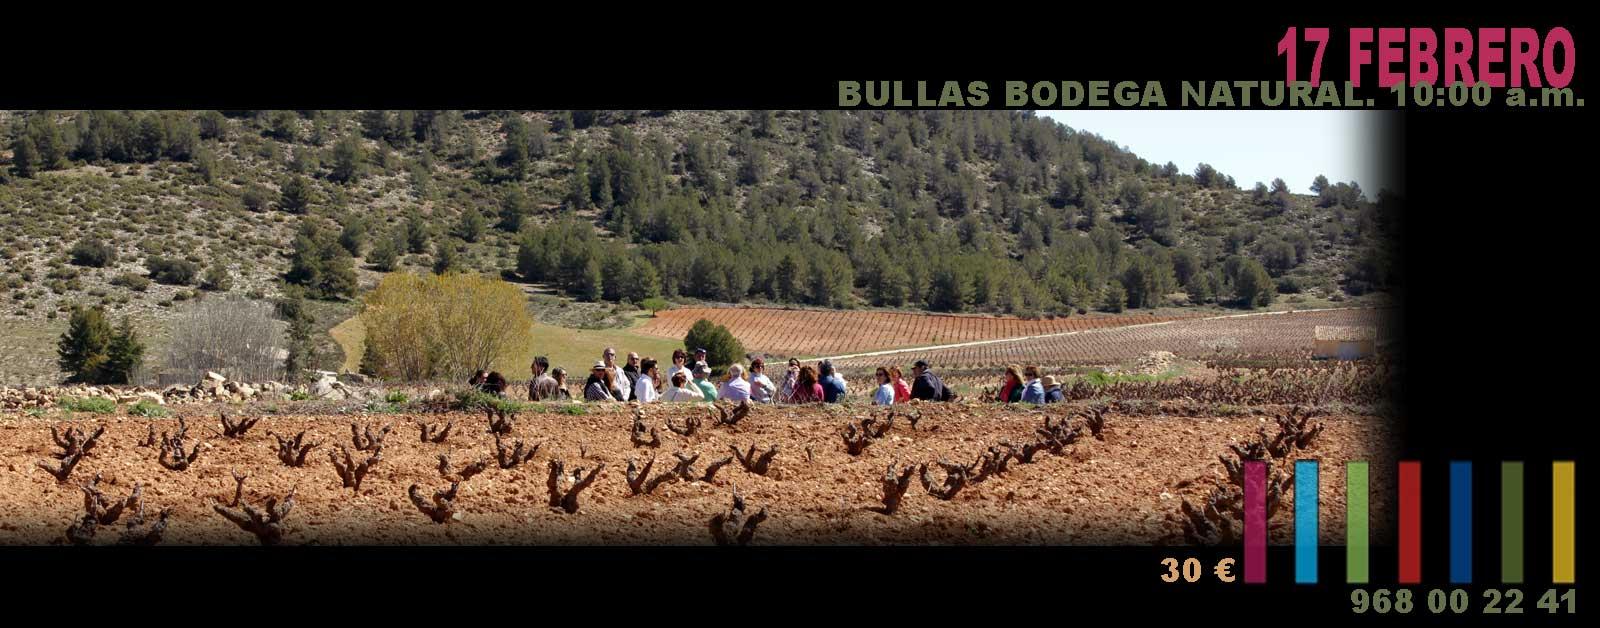 """Ruta """"Bullas Bodega Natural""""."""